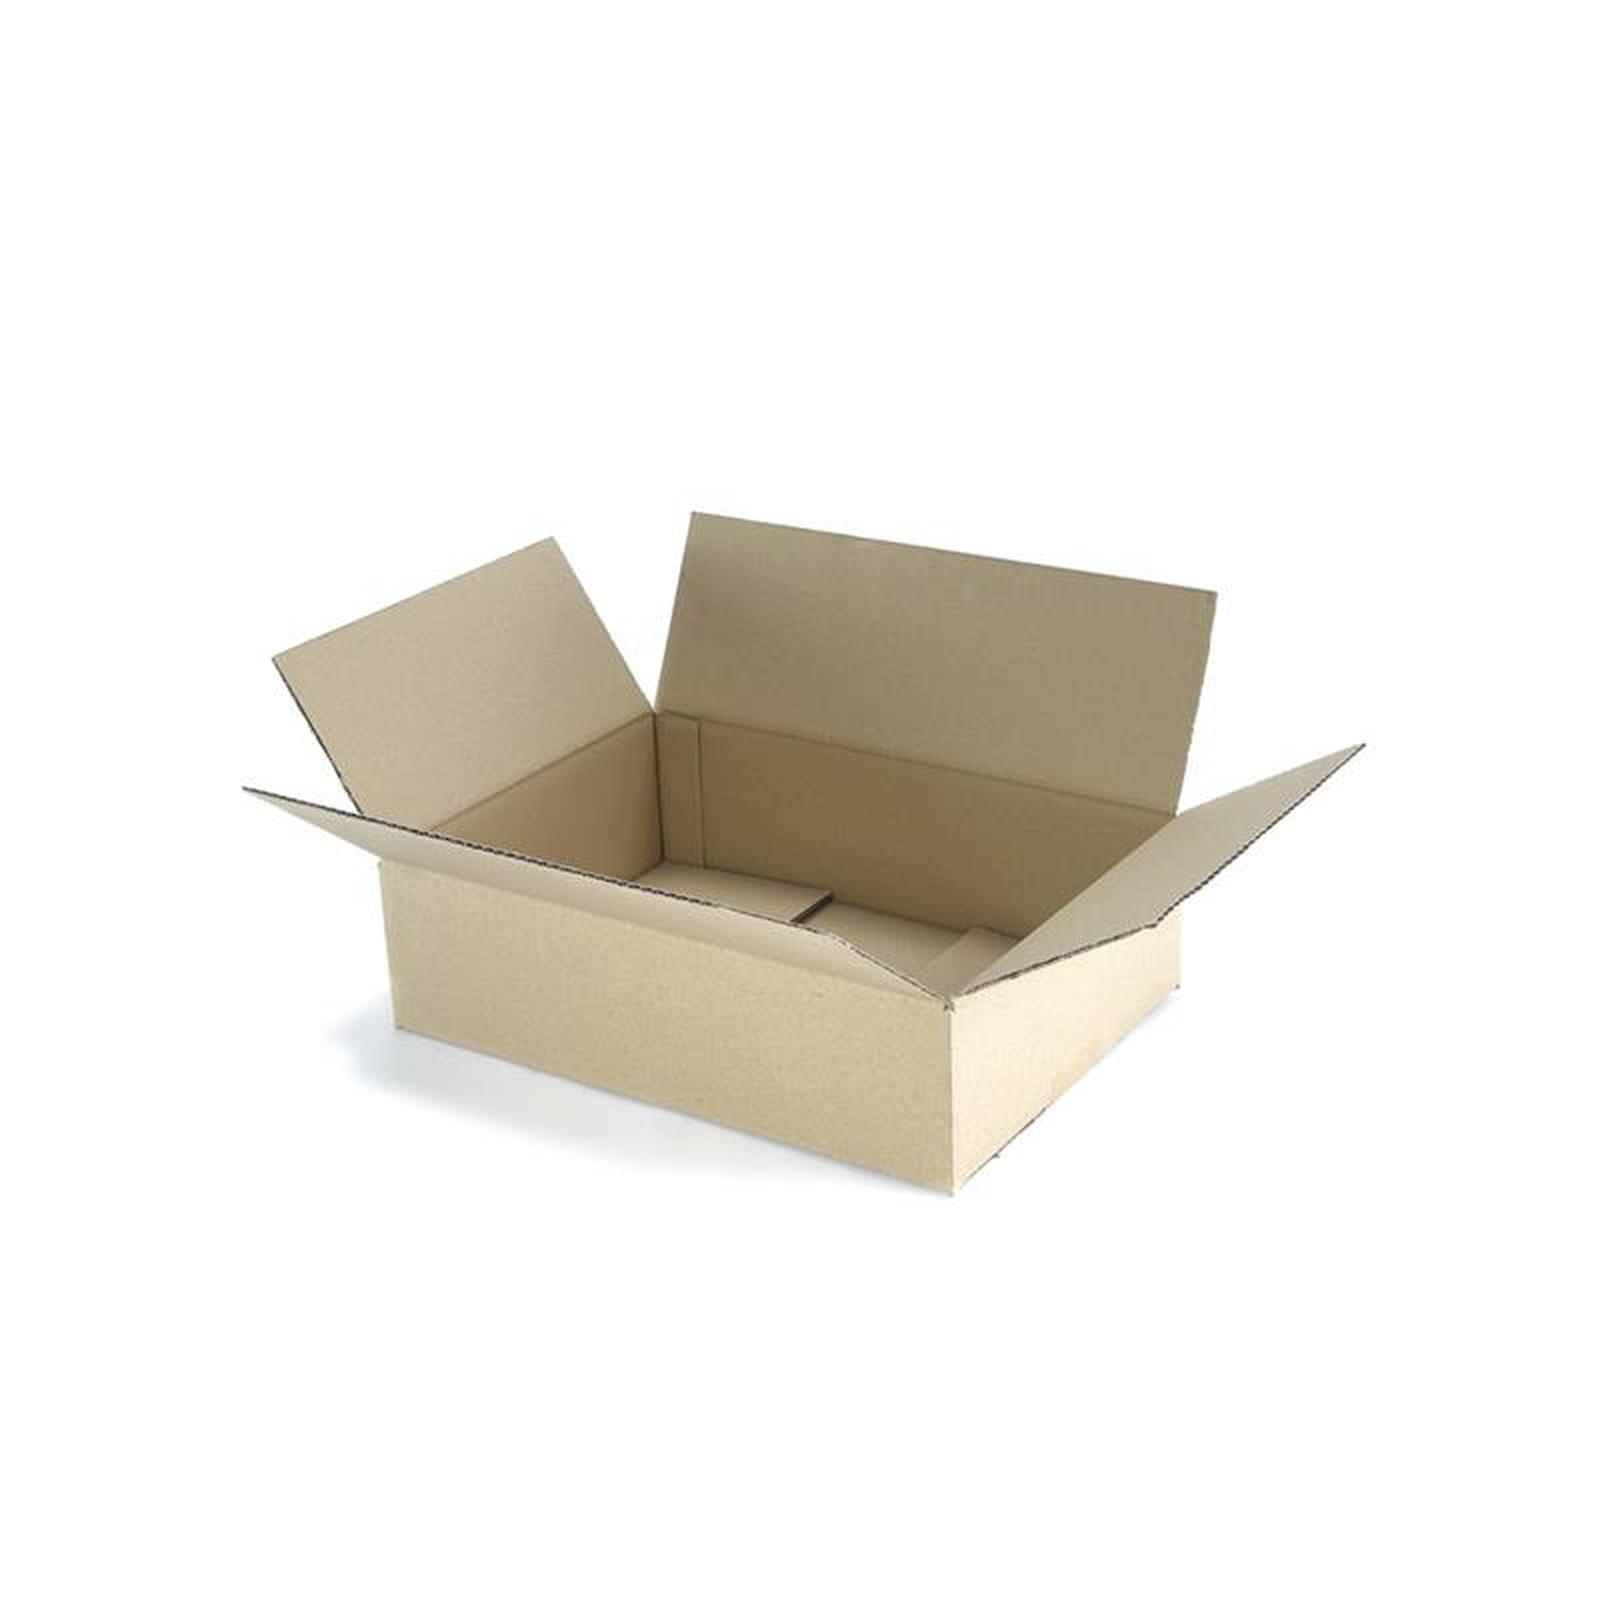 einwellige kartons dhl p ckchen s 350x250x100 mm g nstig kaufen 0 31. Black Bedroom Furniture Sets. Home Design Ideas